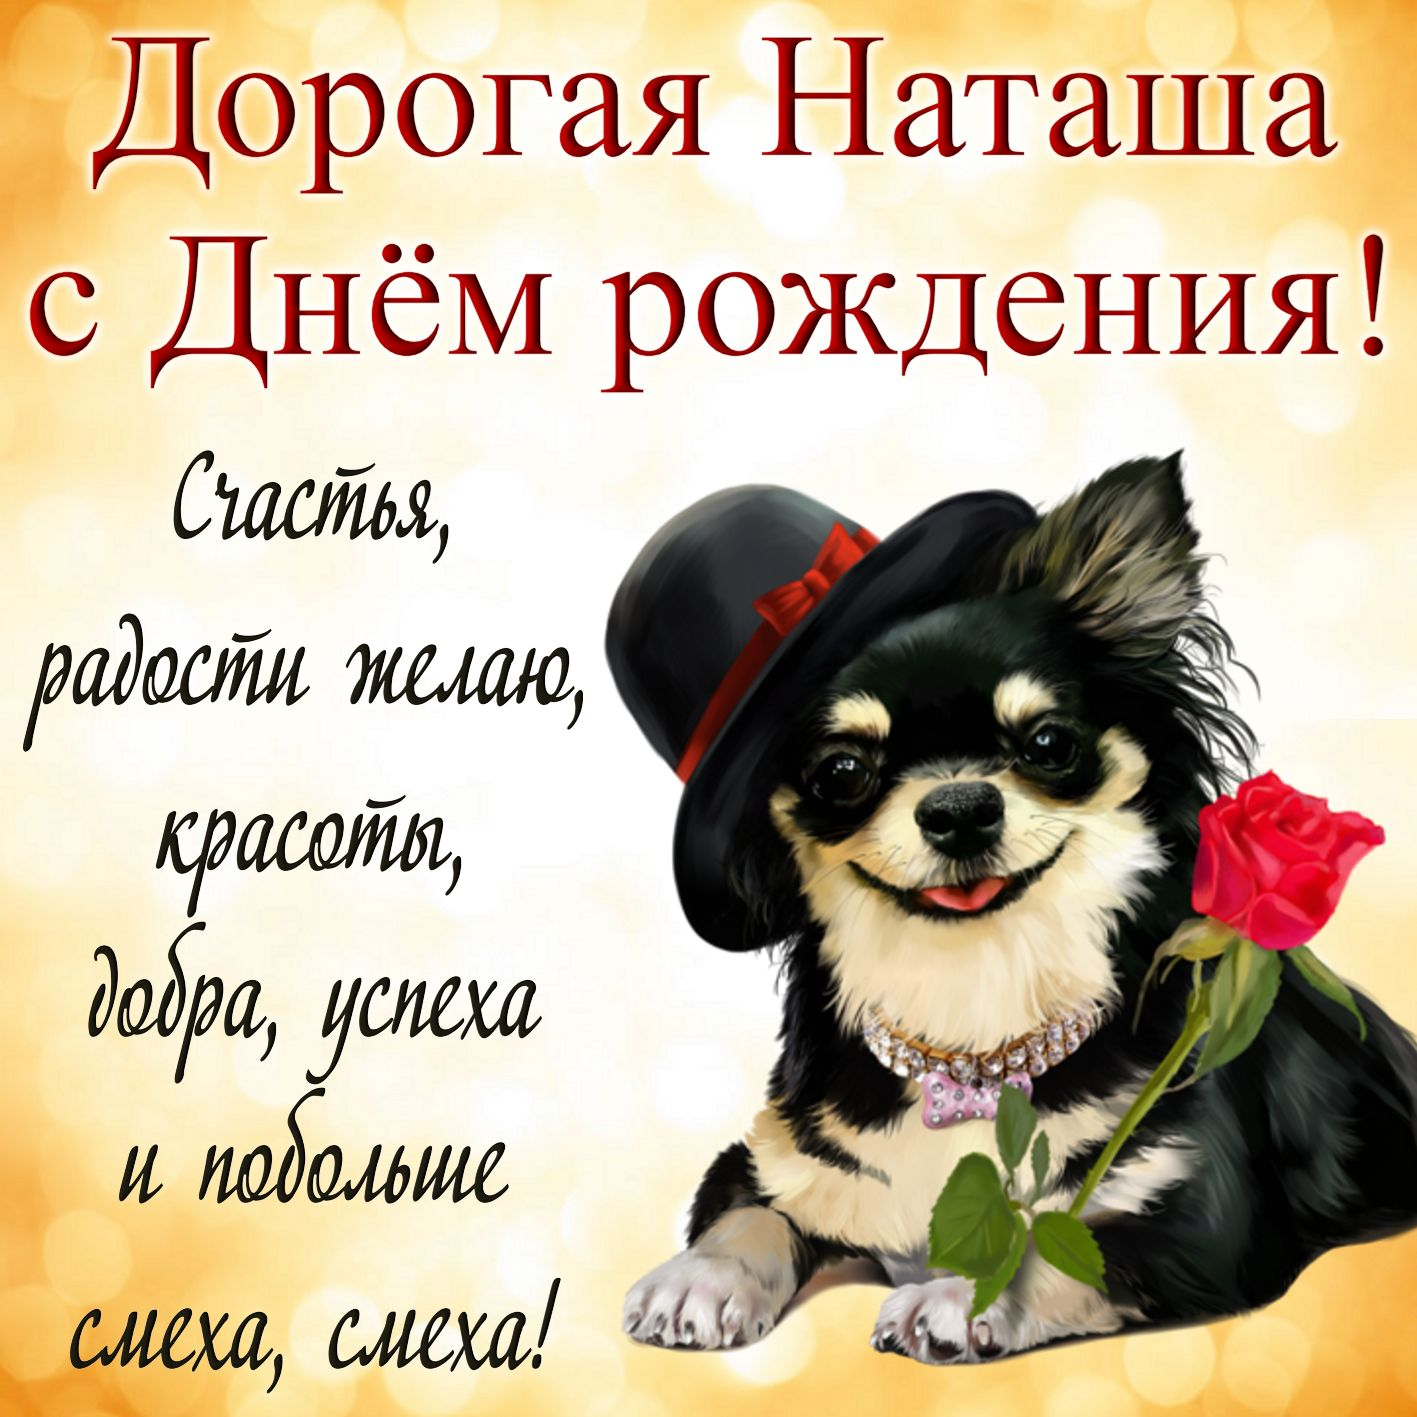 Открытка на День рождения Наталье - красивая собачка в шляпке с розой